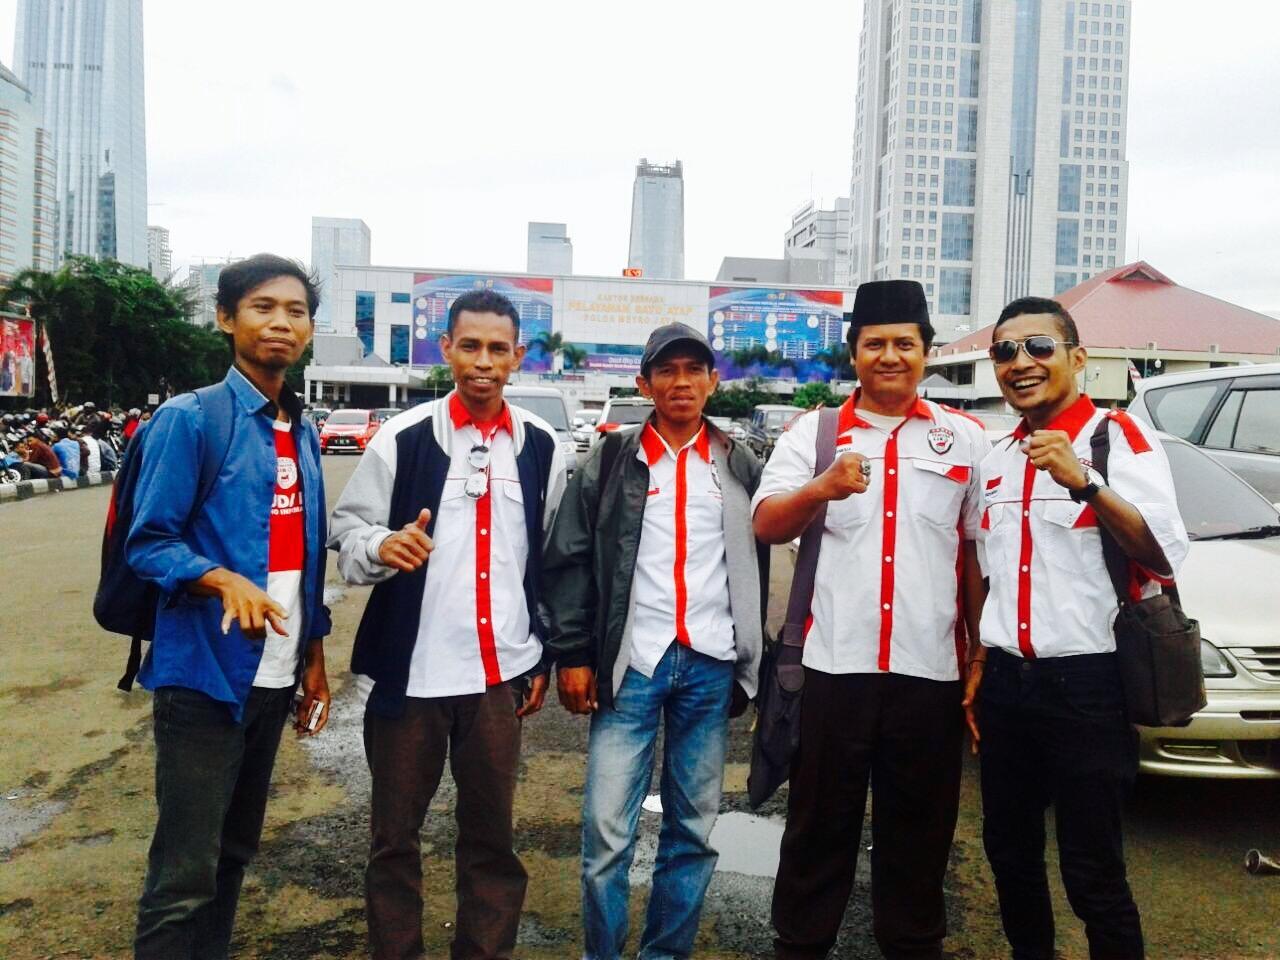 Ketum Pemuda LIRA, Indra Lesmana Geruduk Kantor Pusat PLN Dugaan KKN